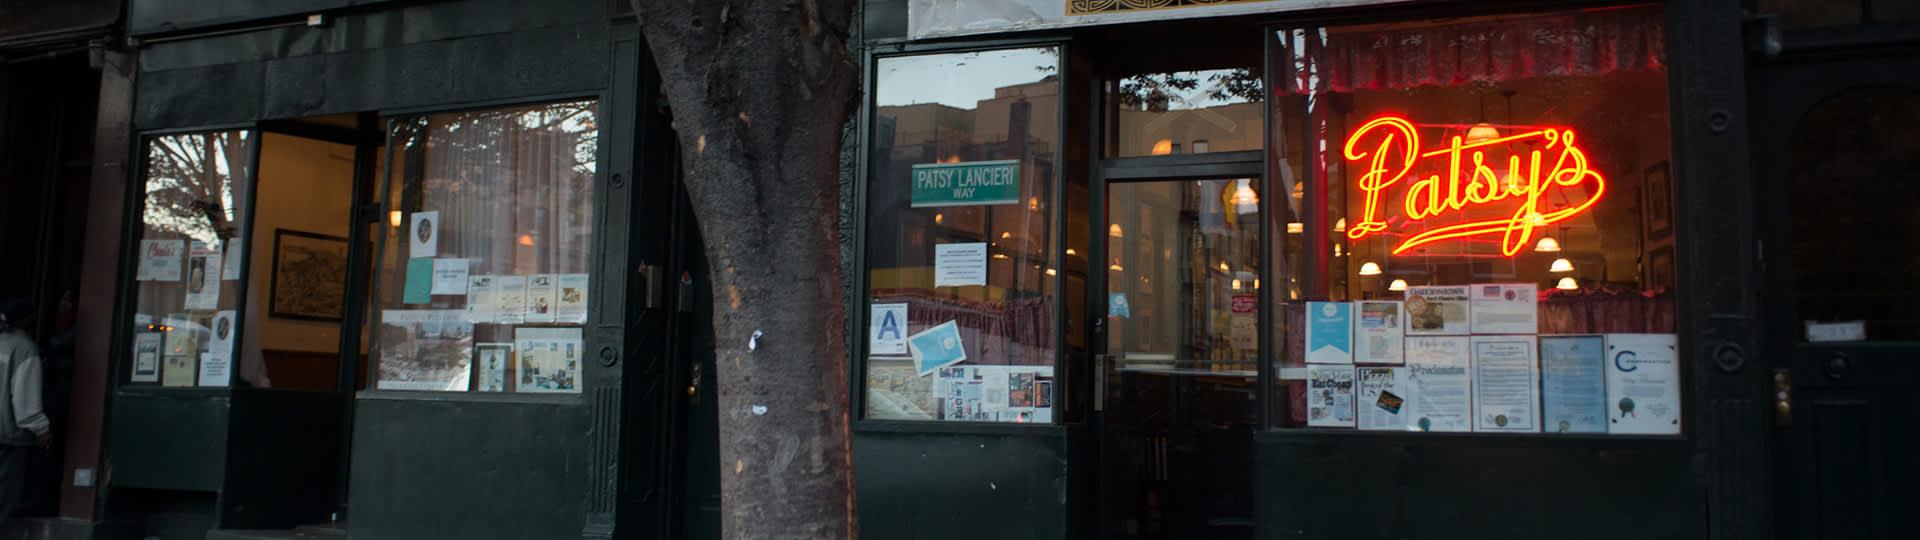 East Harlem, Patsy's Pizzeria